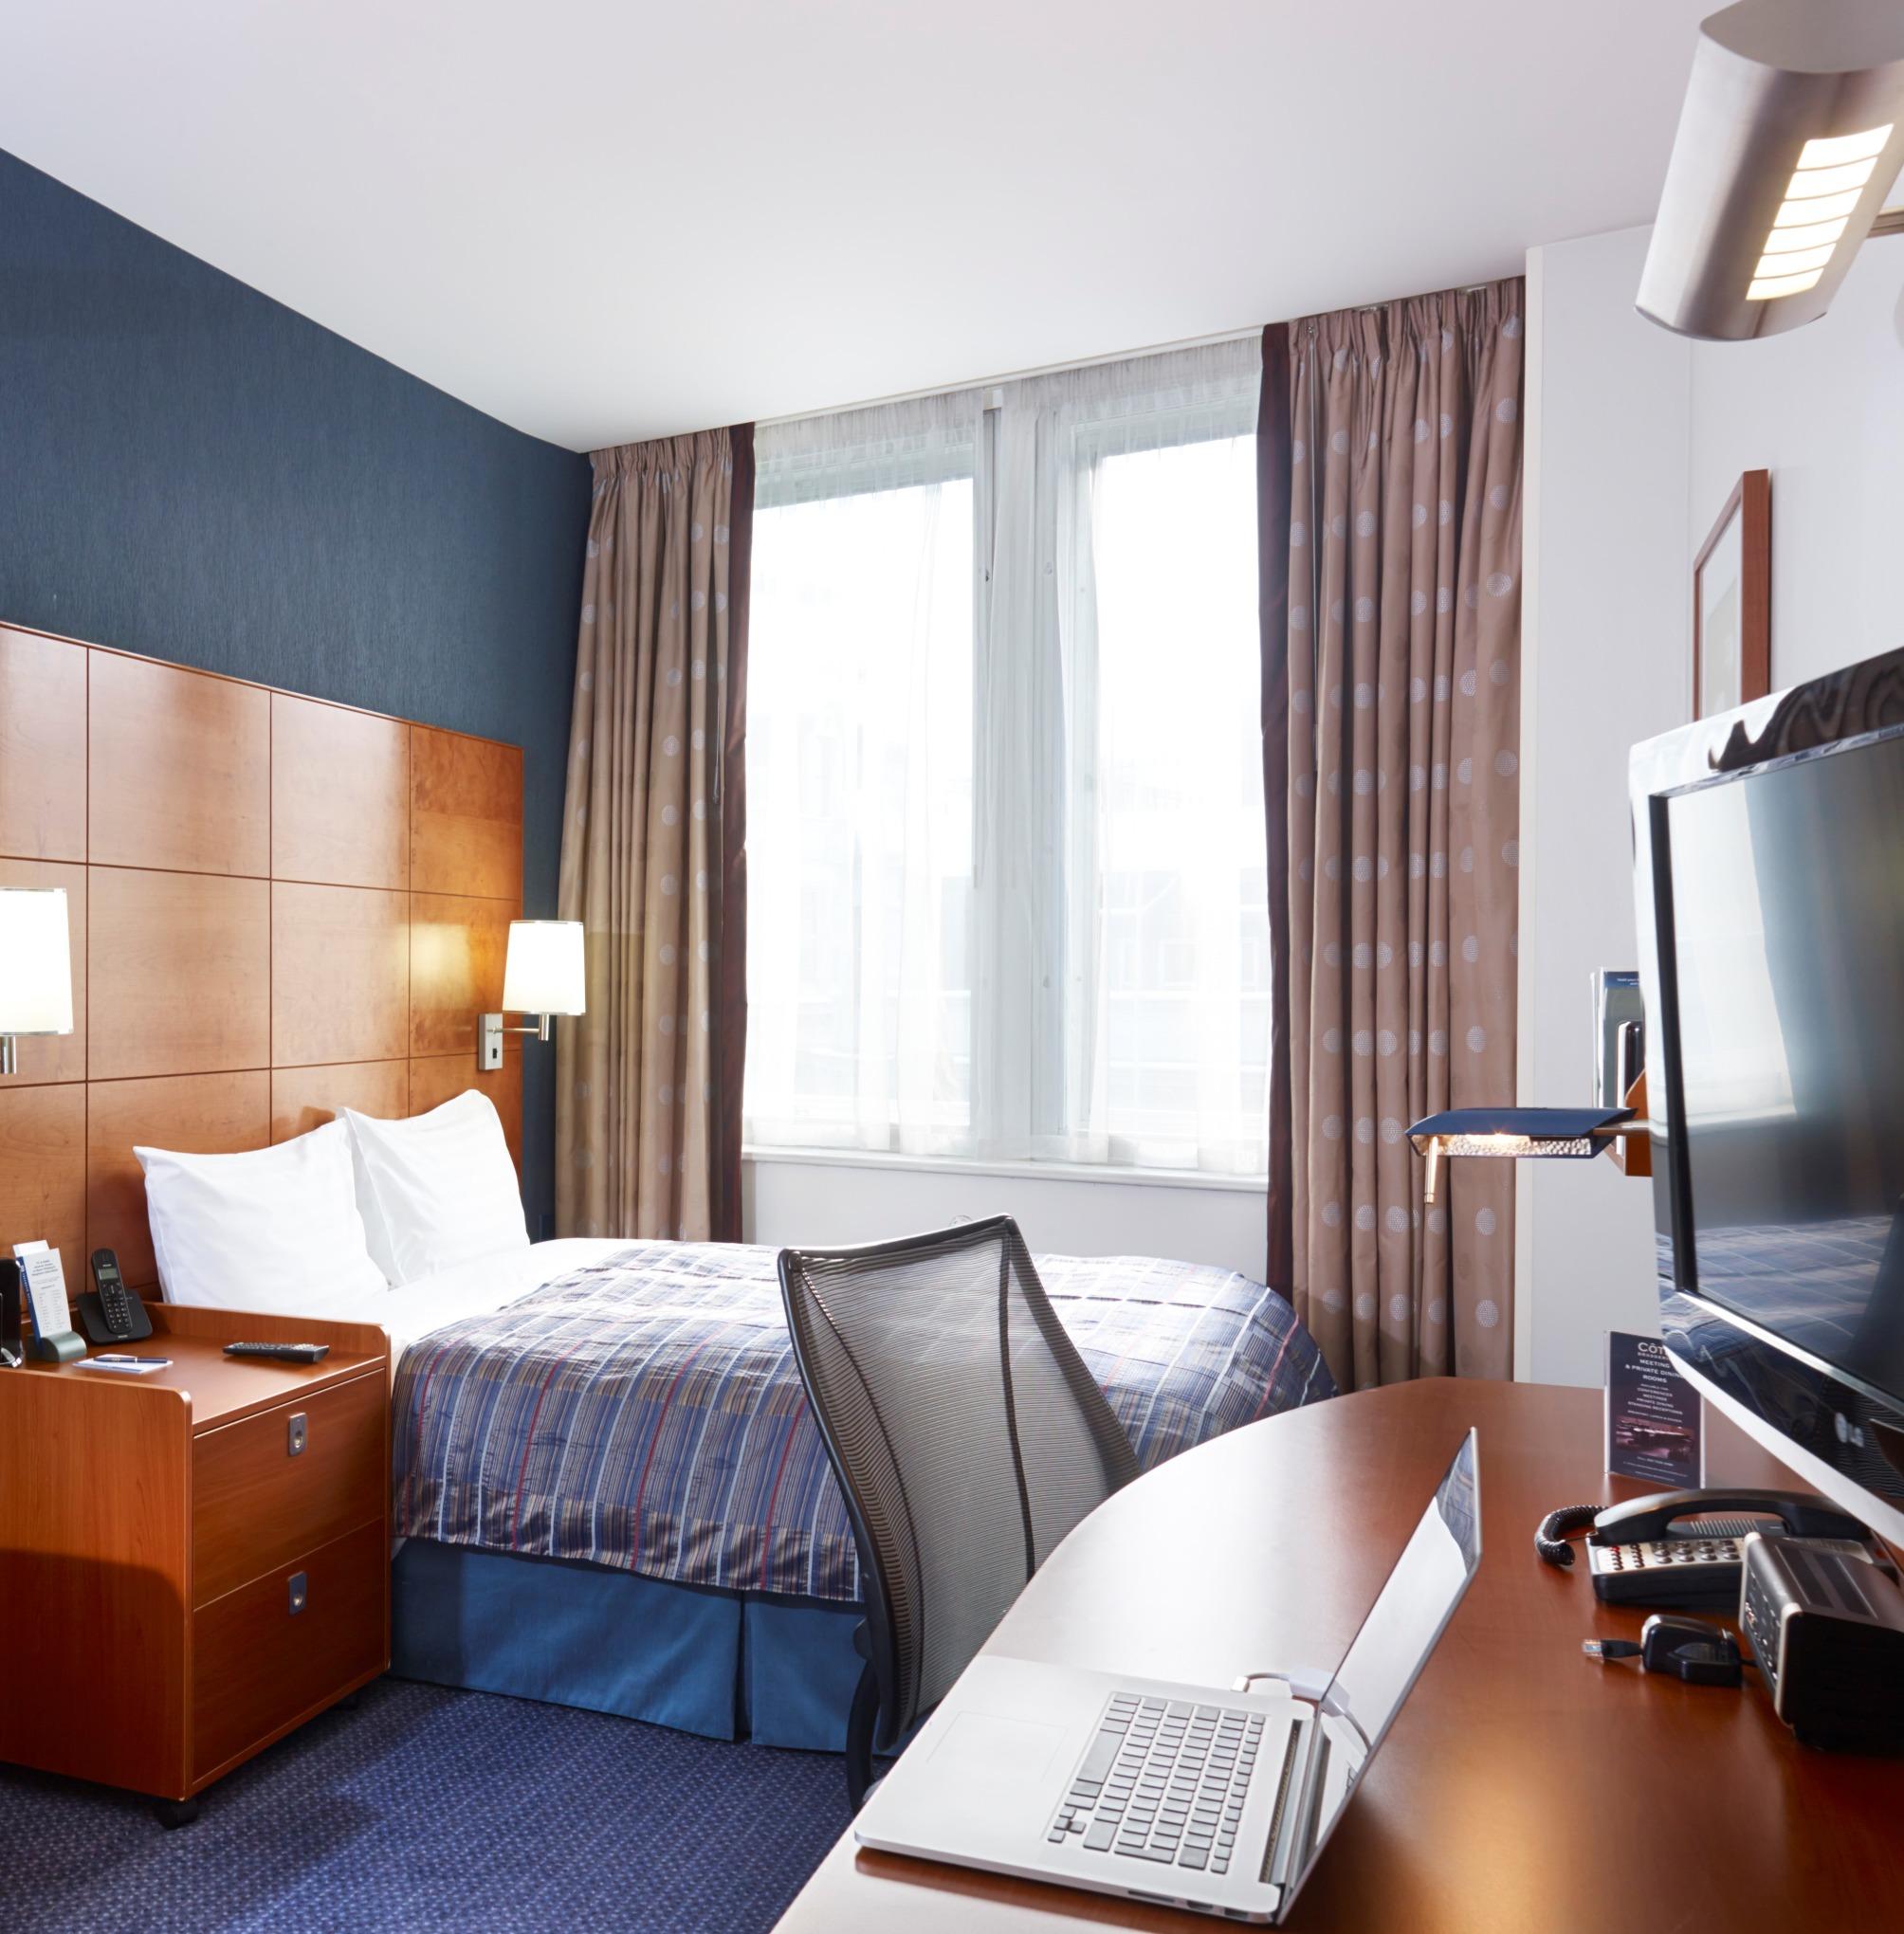 Hotel Club Quarters St. Pauls thumb-3